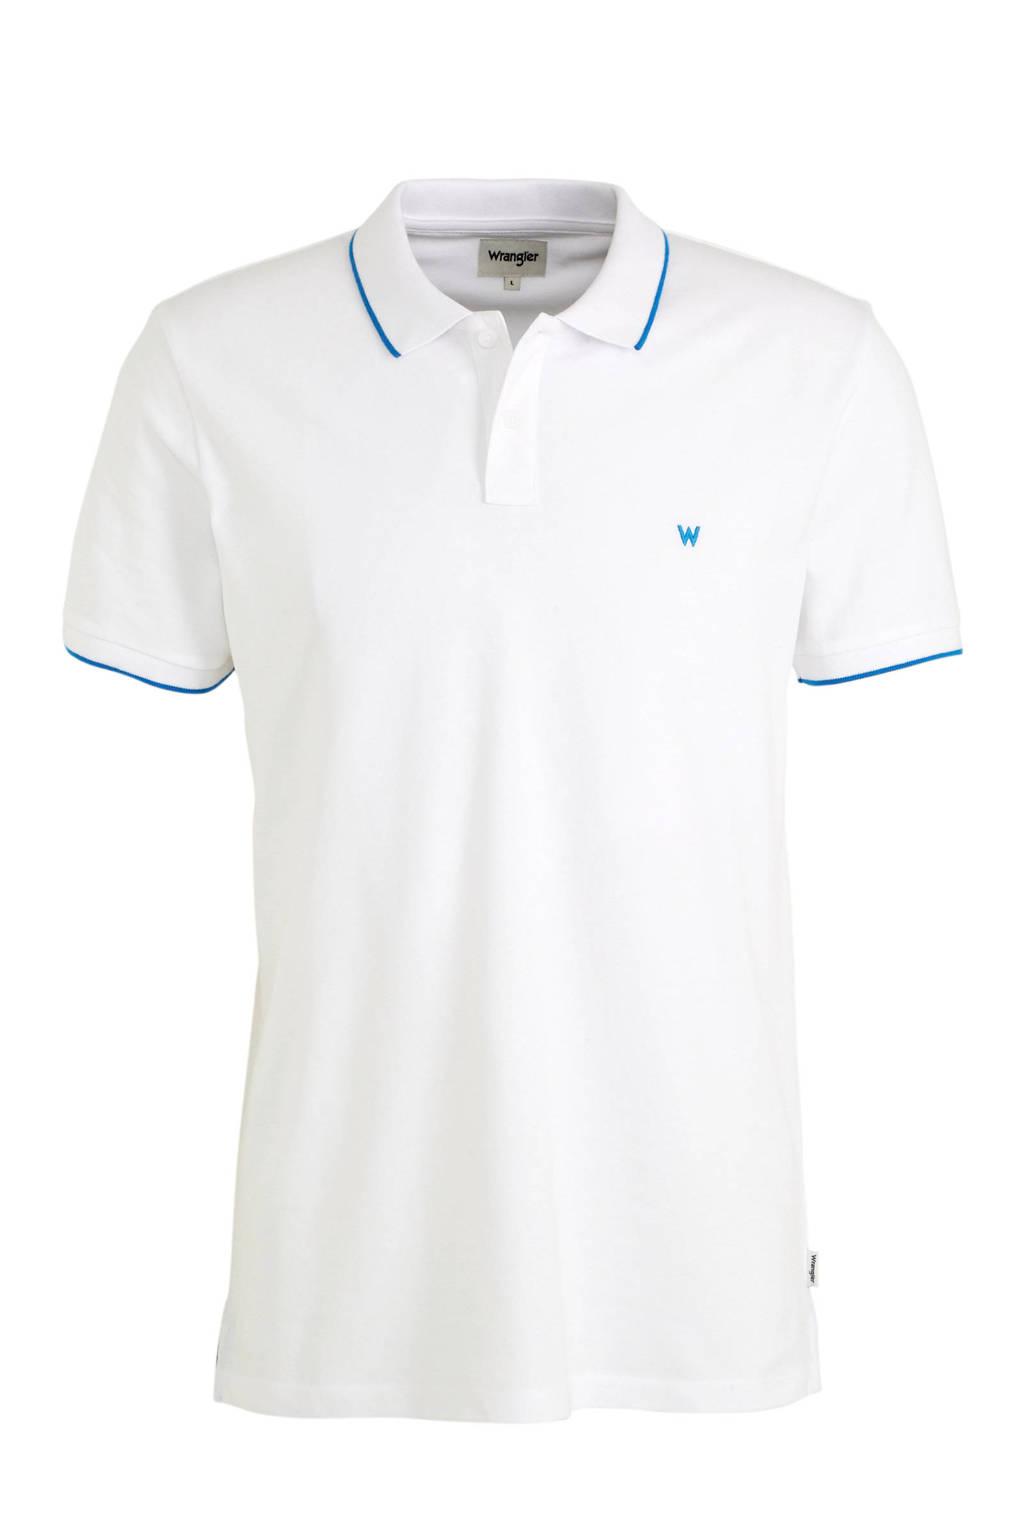 Wrangler regular fit polo white, White